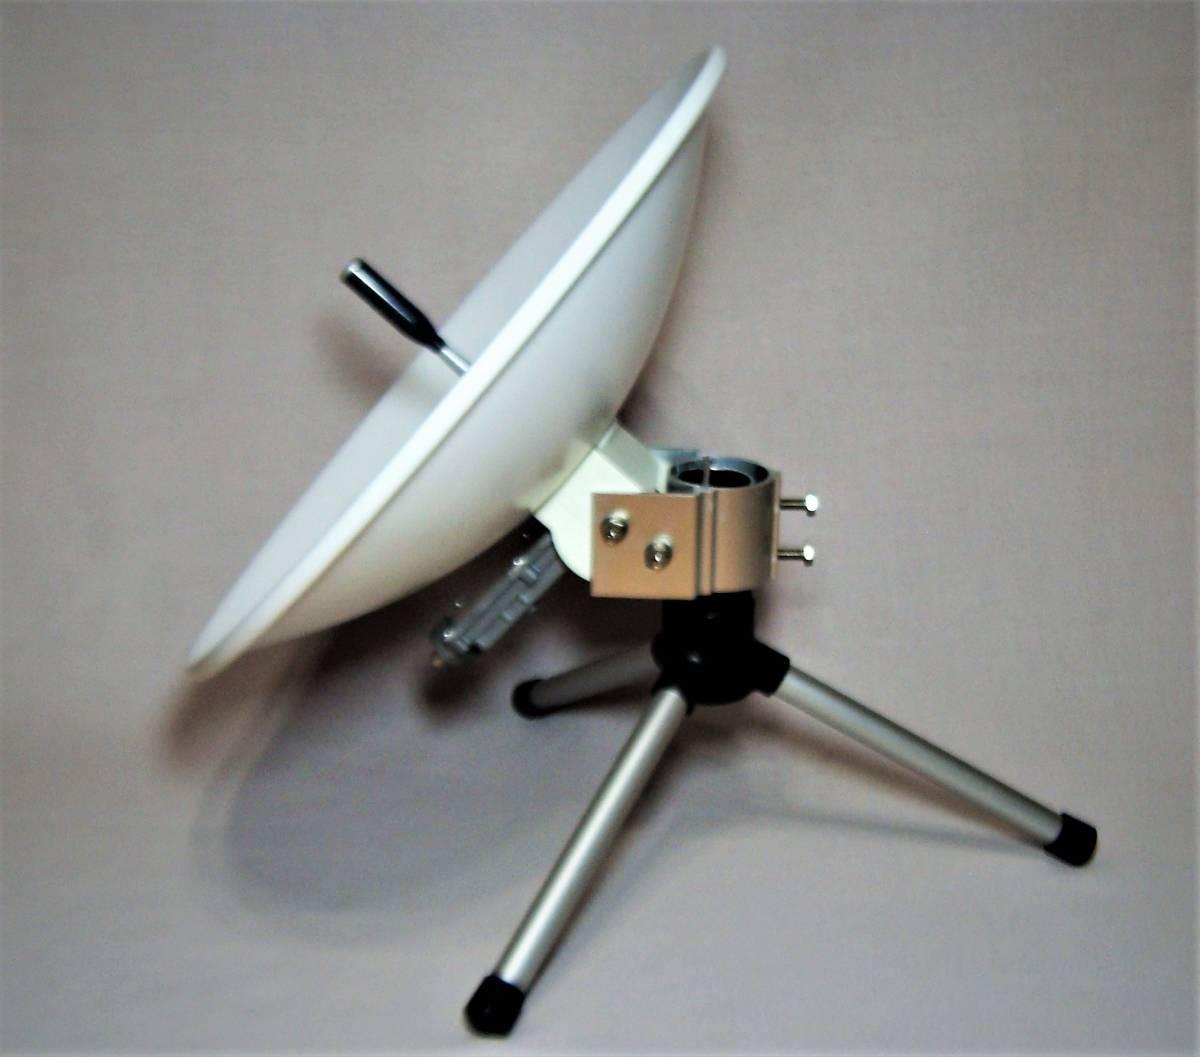 TDK センターフィード型BSアンテナ BS-TA352・三脚・同軸ケーブル付(美品) _画像4